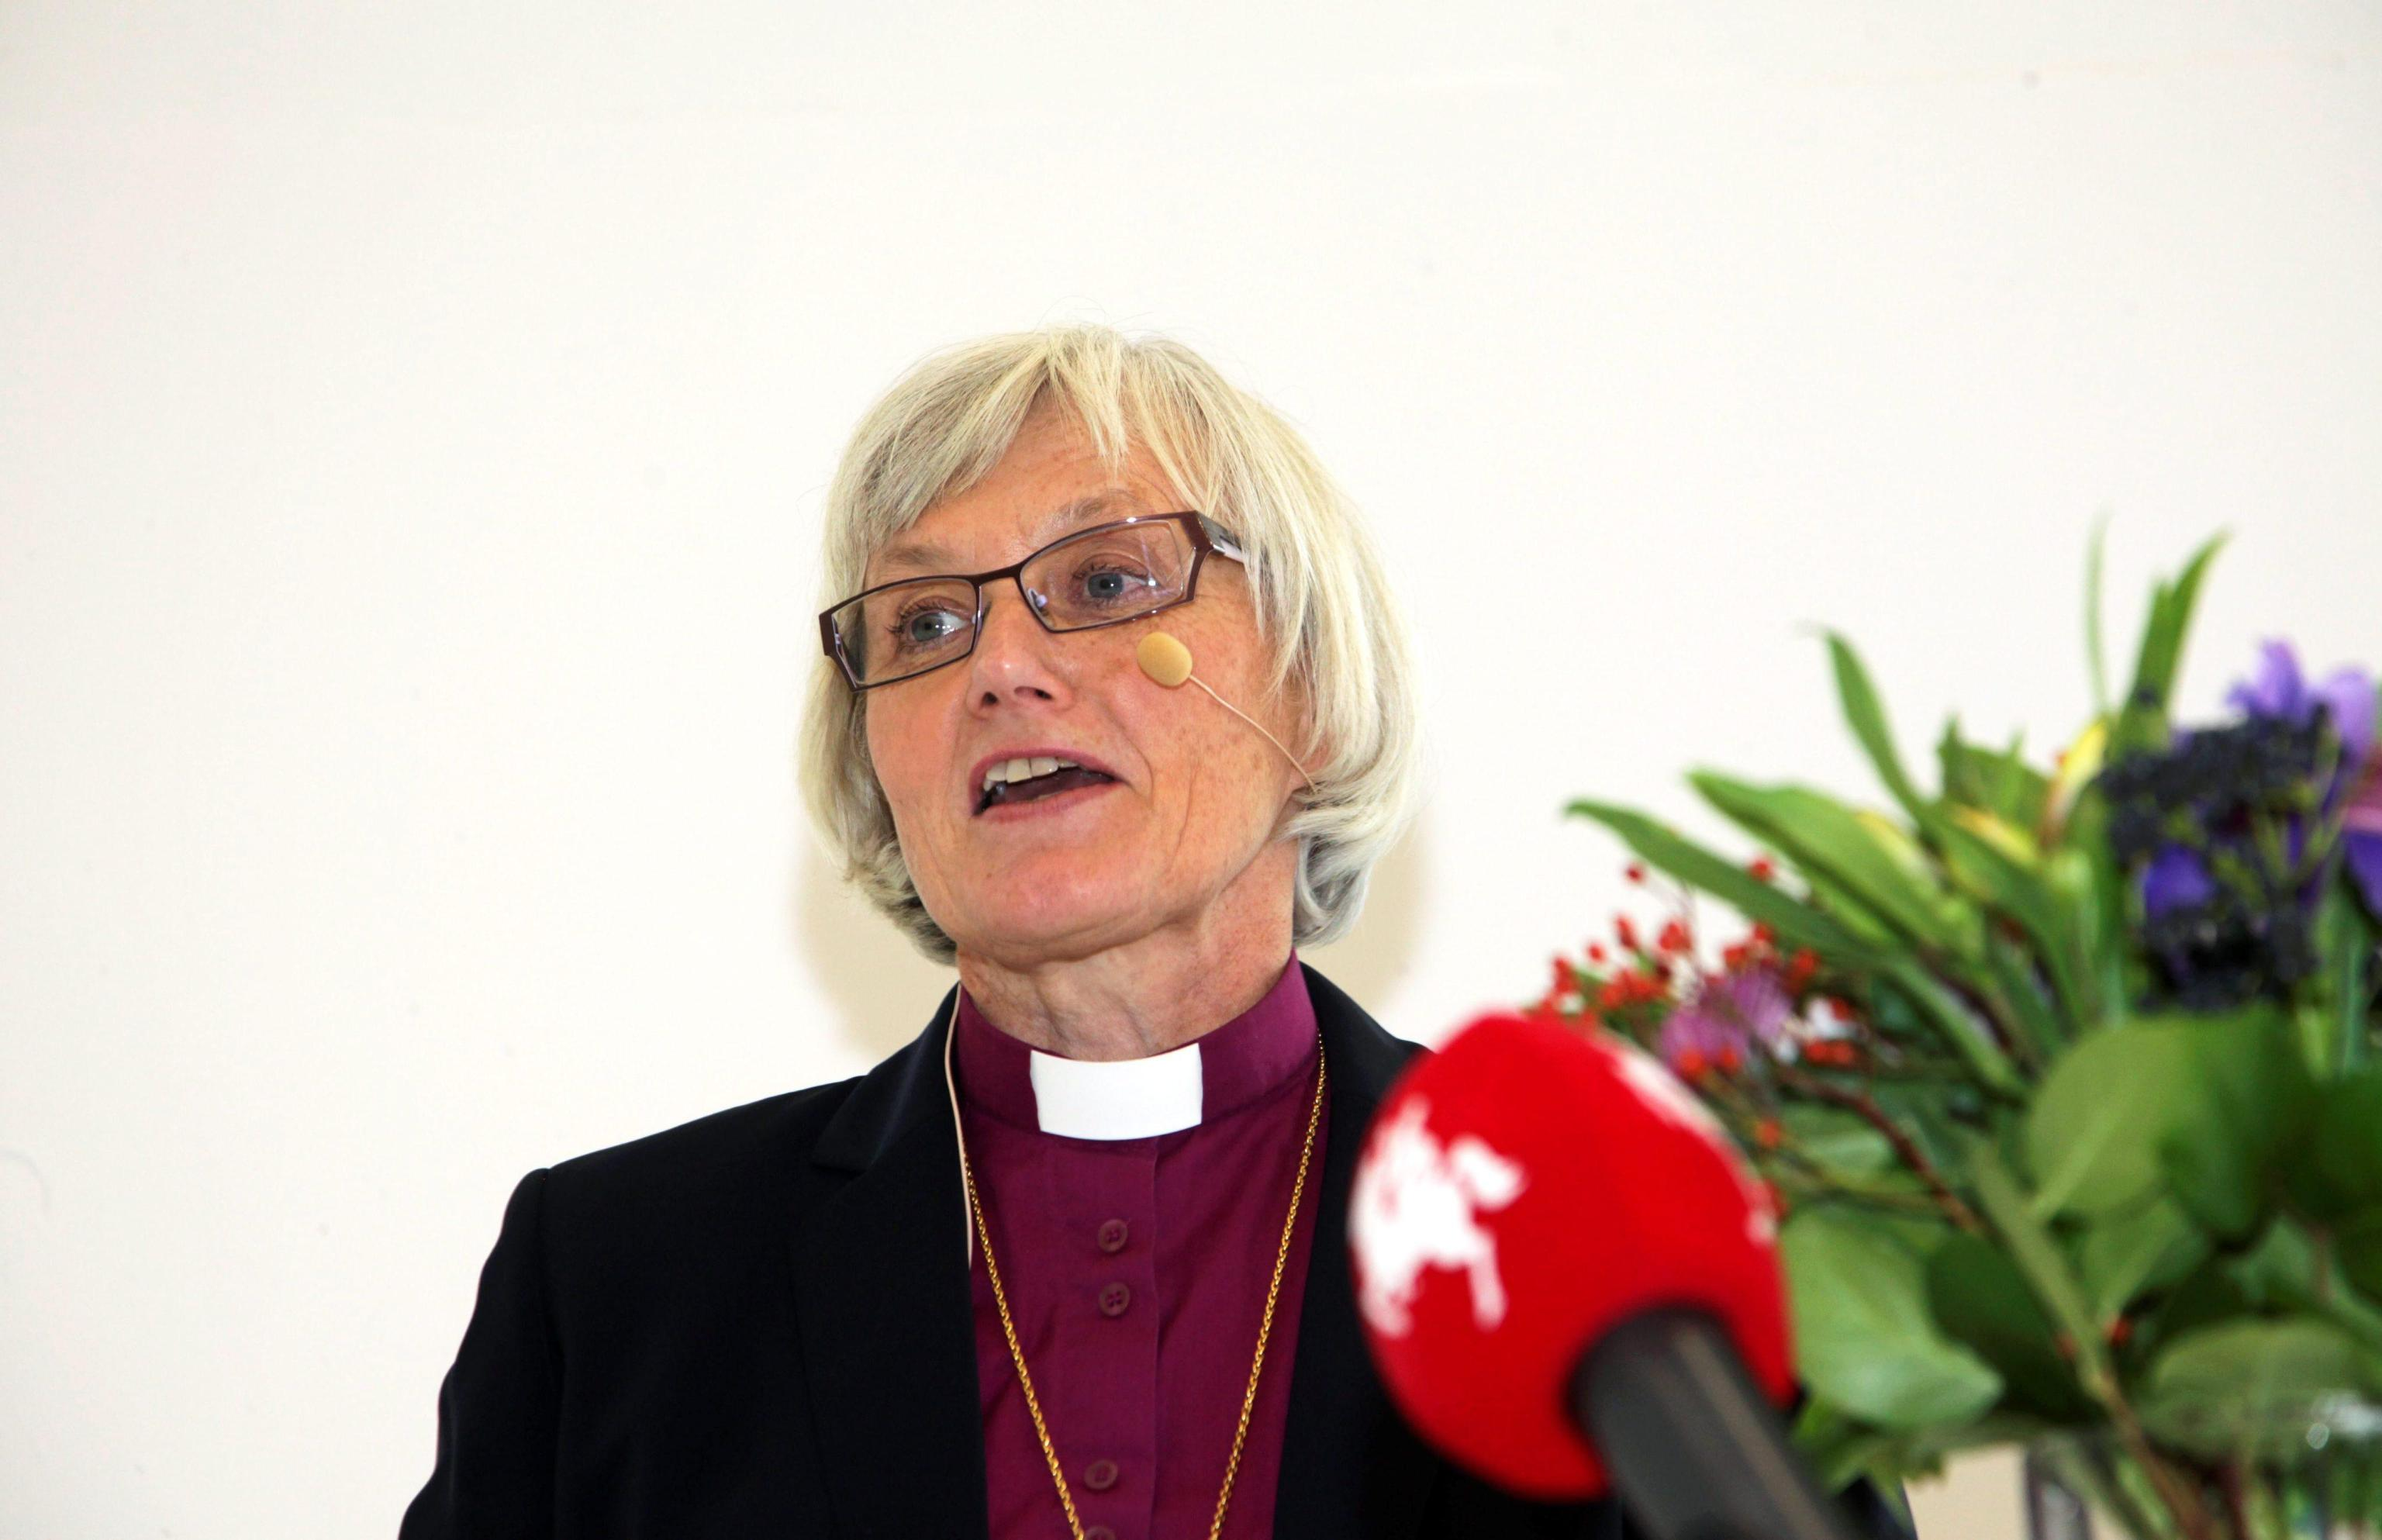 La chiesa di Svezia ha chiesto di non usare più il maschile per riferirsi a Dio